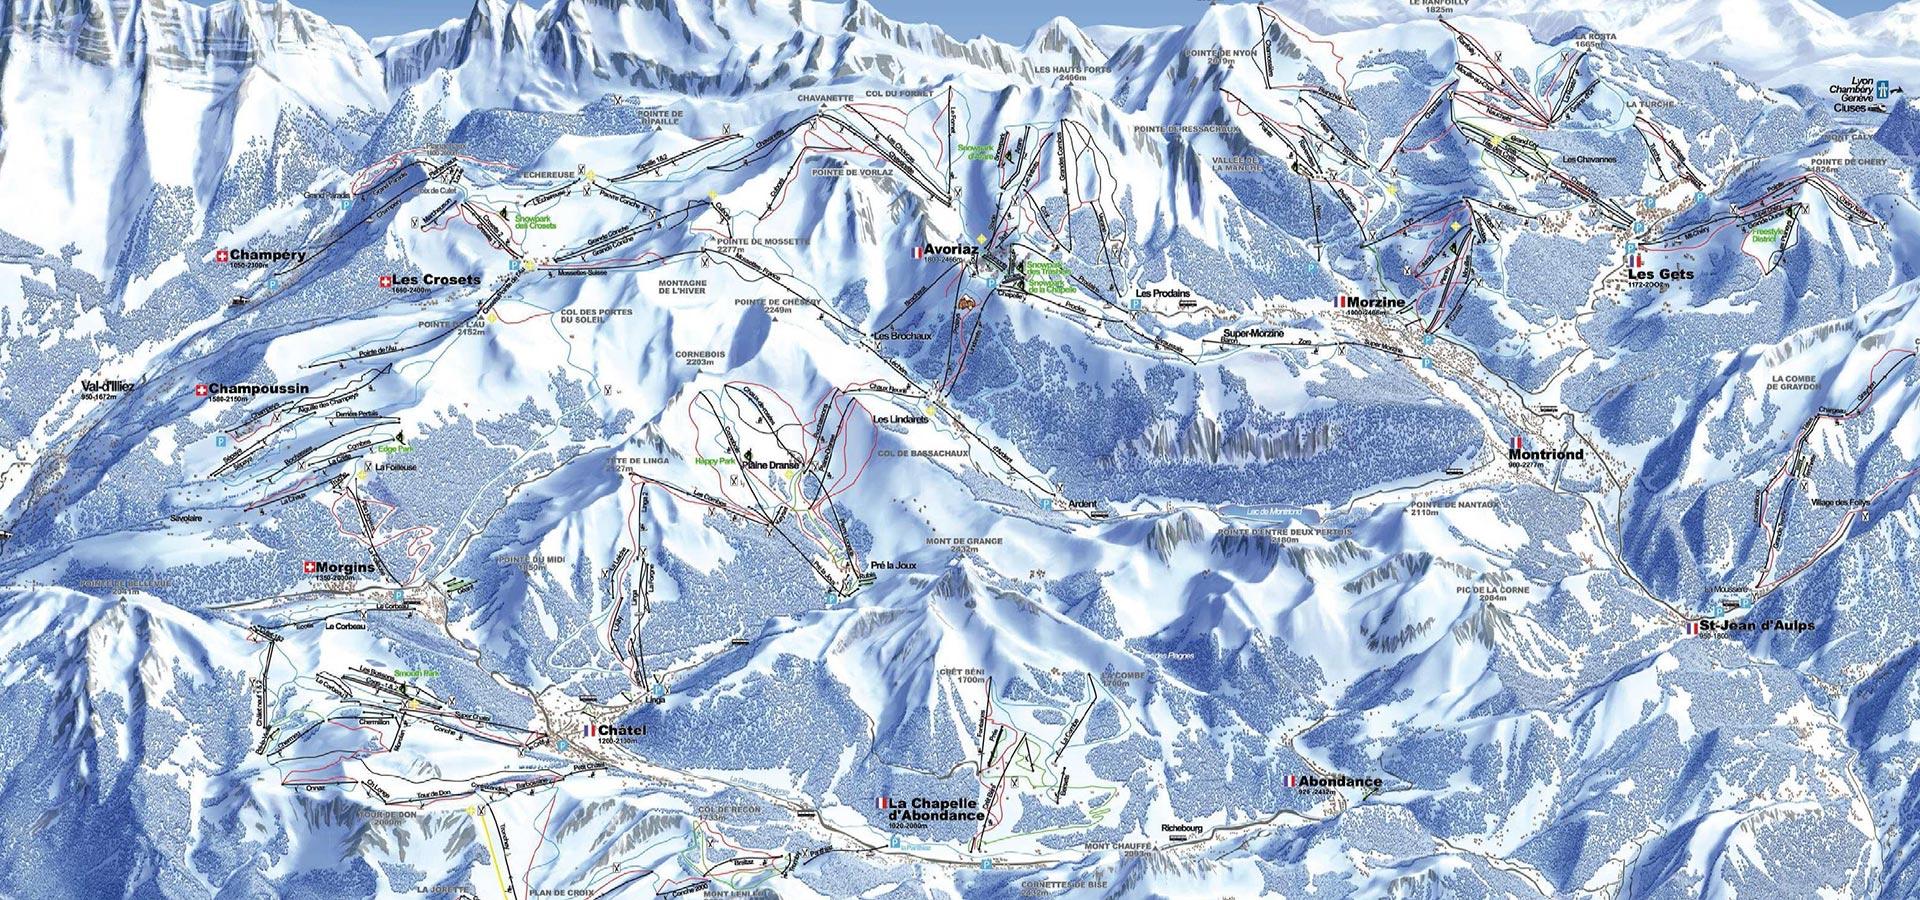 Skiing in the Portes du Soleil. POrtes du Soleil piste map